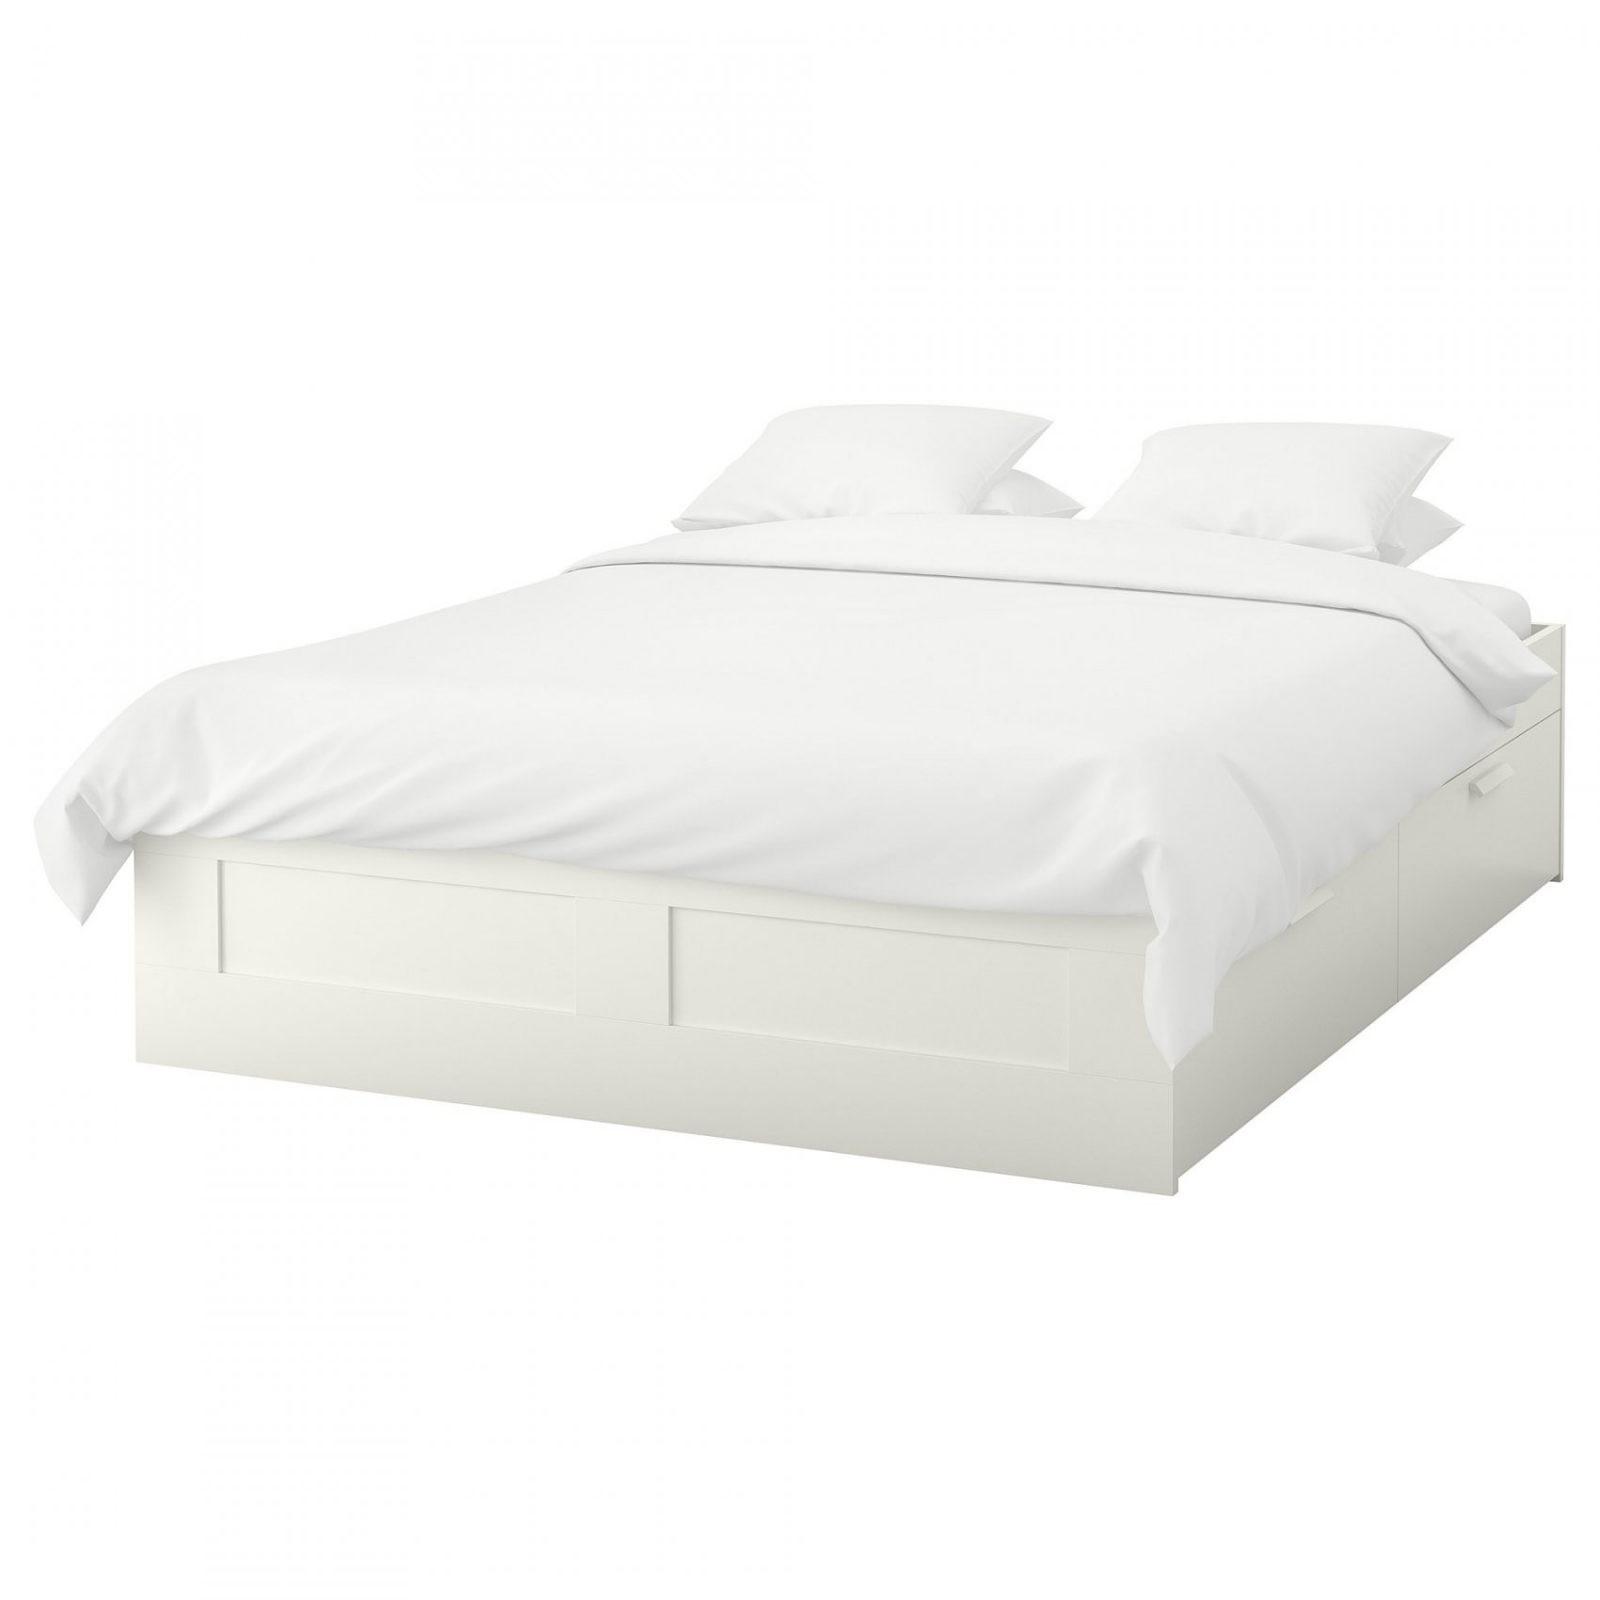 Brimnes Bettgestell Mit Schubladen  Weiß  Ikea von Ikea Bett 140X200 Weiß Photo